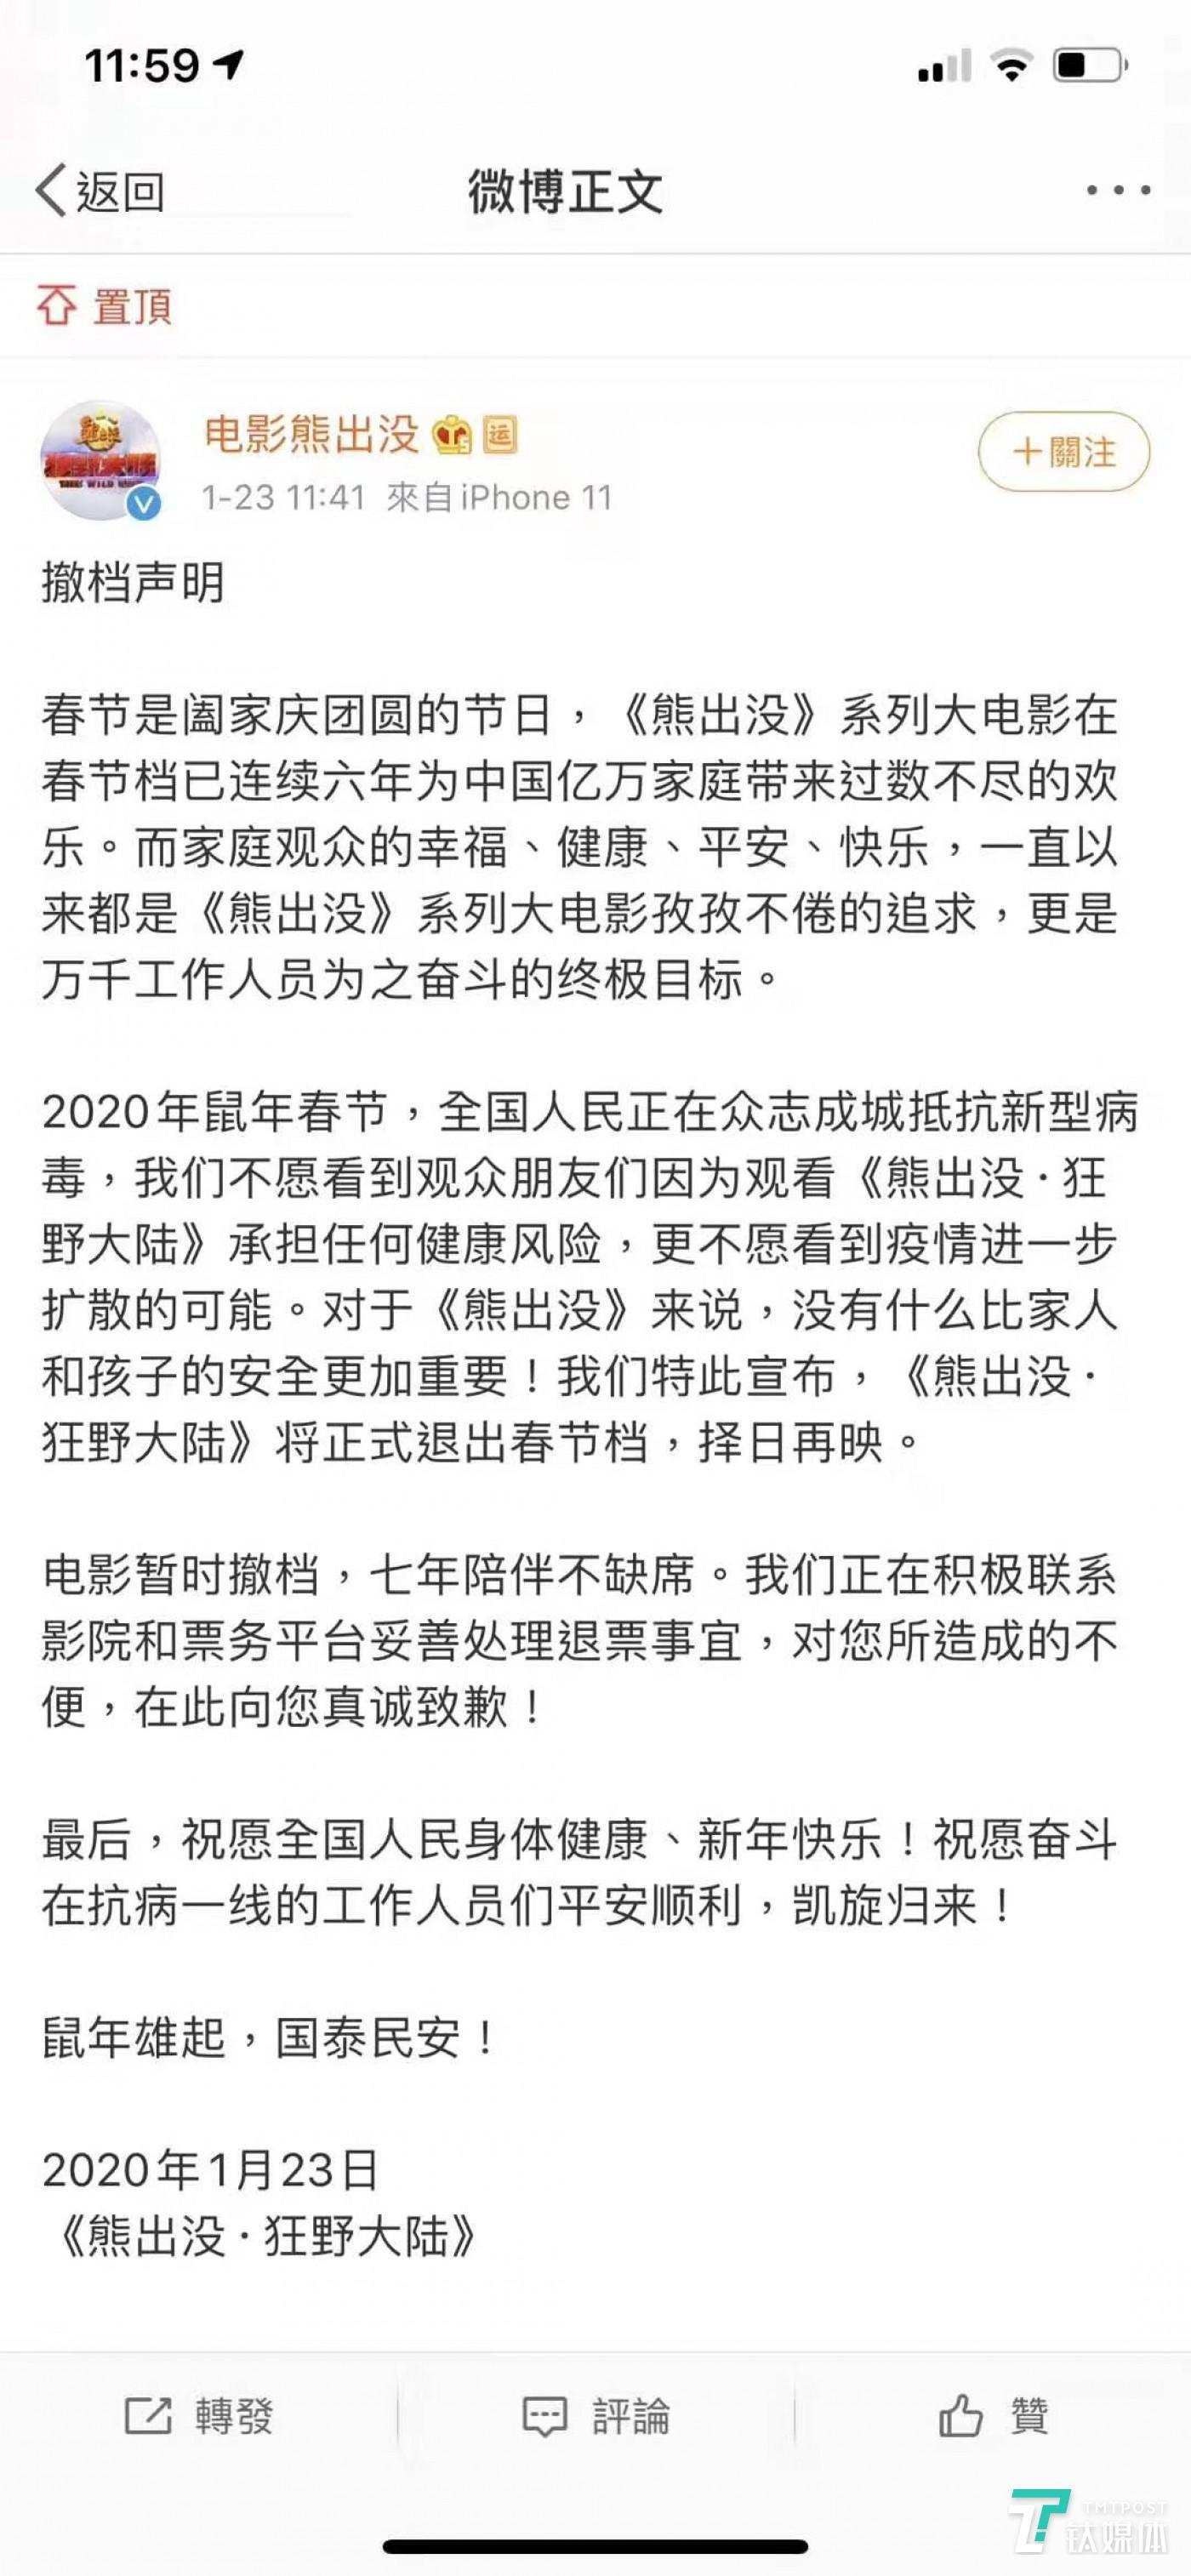 《熊出没》官方微博发布的撤档公告(图片来源:新浪微博)